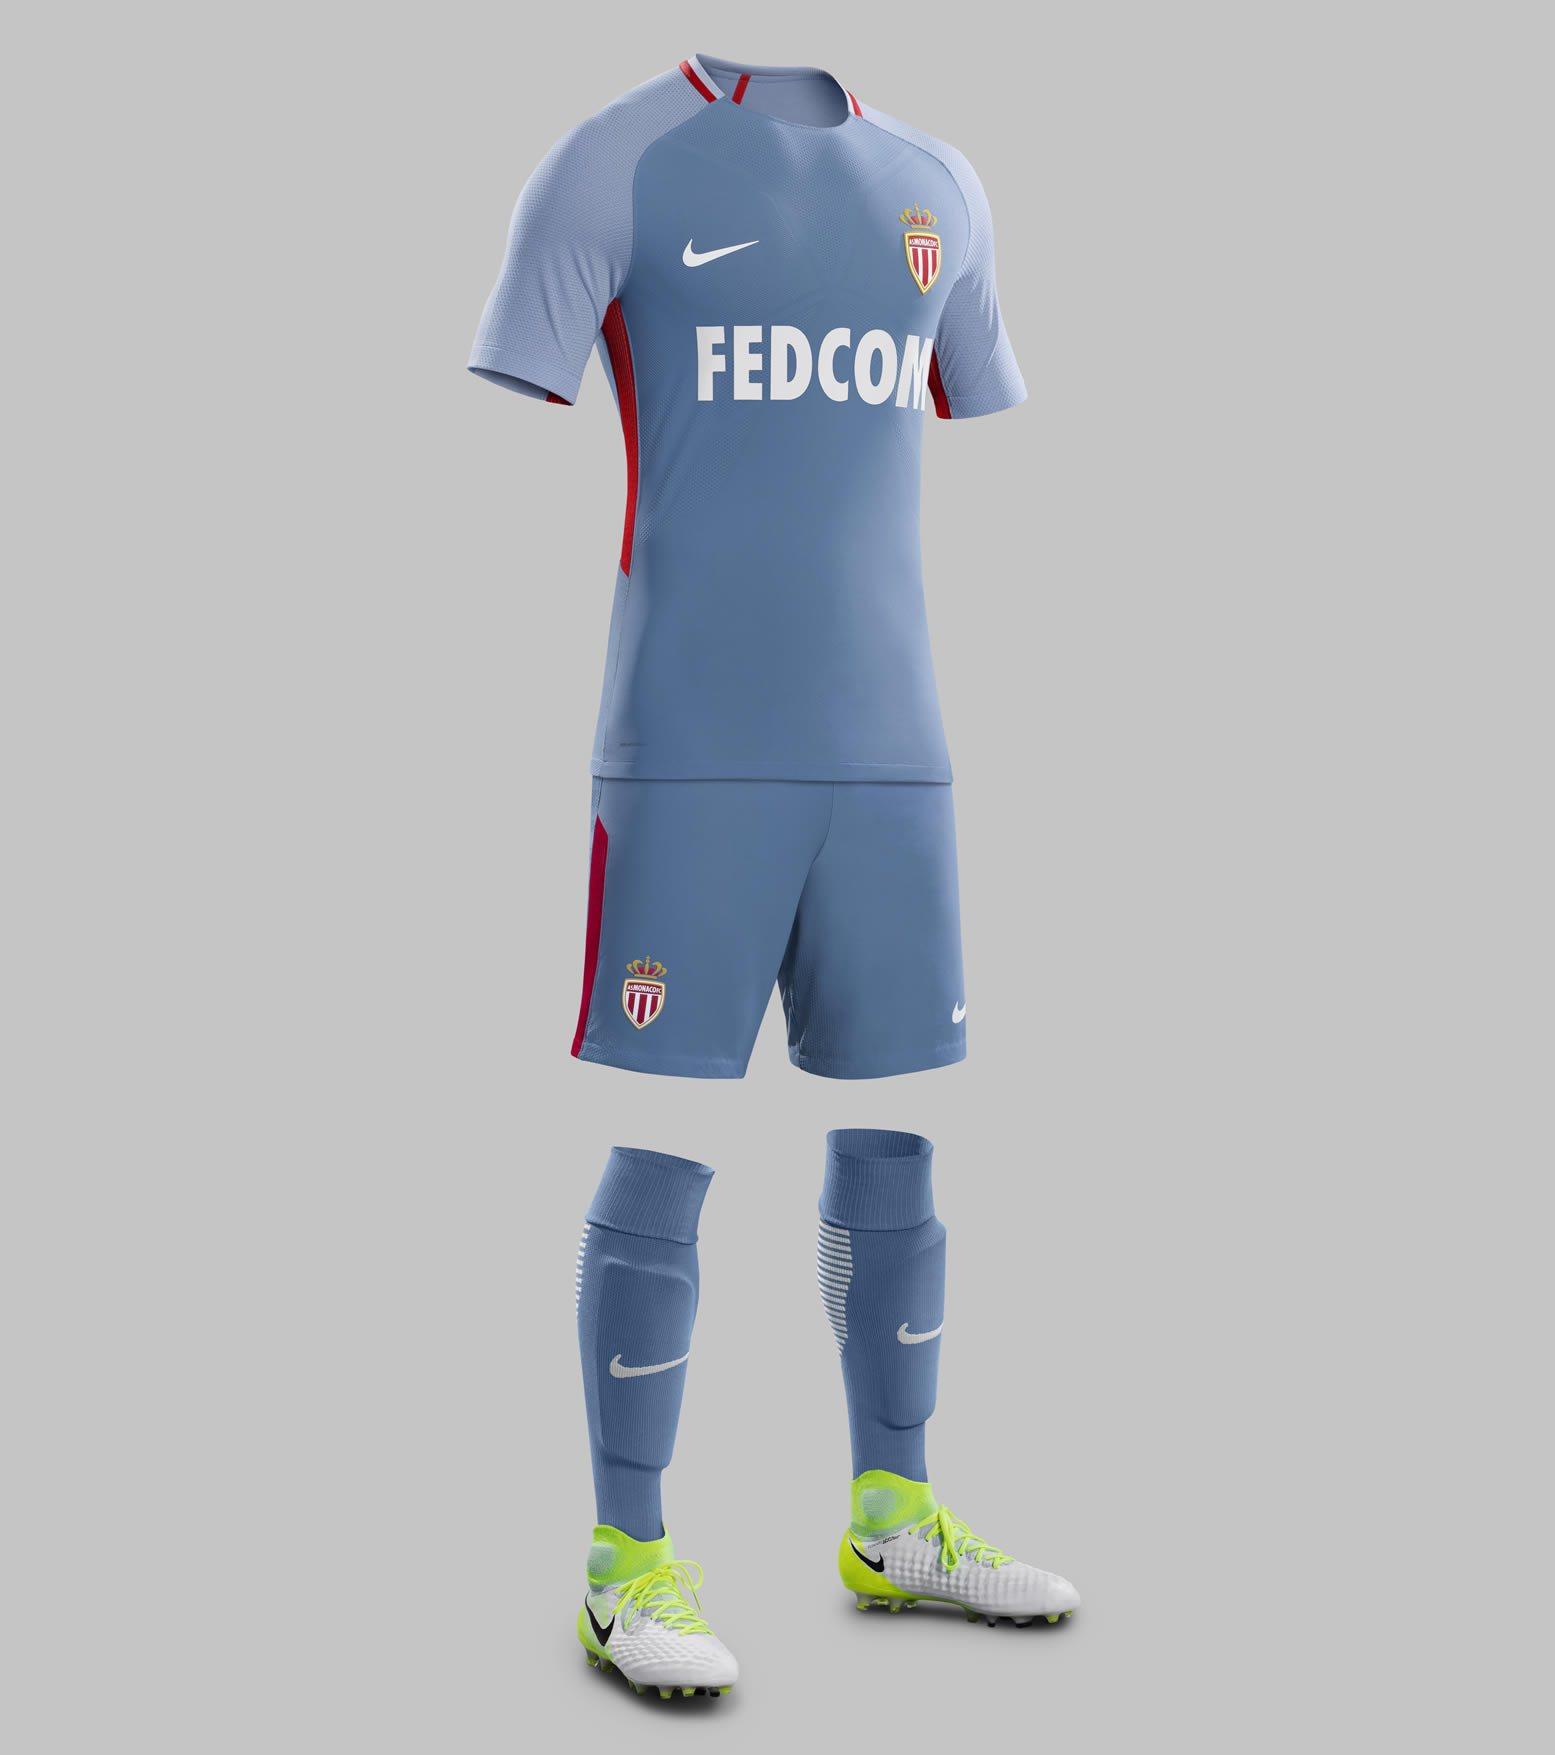 Camiseta suplente 2017-18 del AS Monaco | Foto Nike